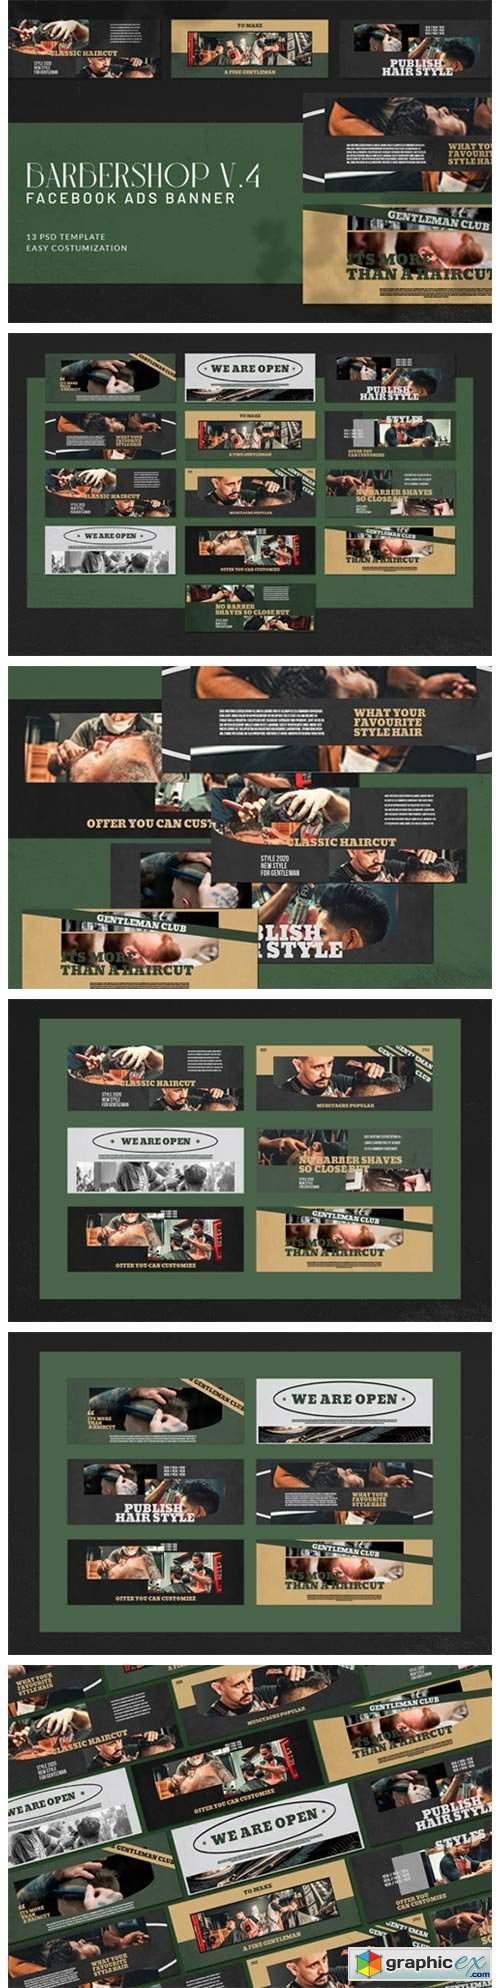 Barbershop V4 Facebook Ads